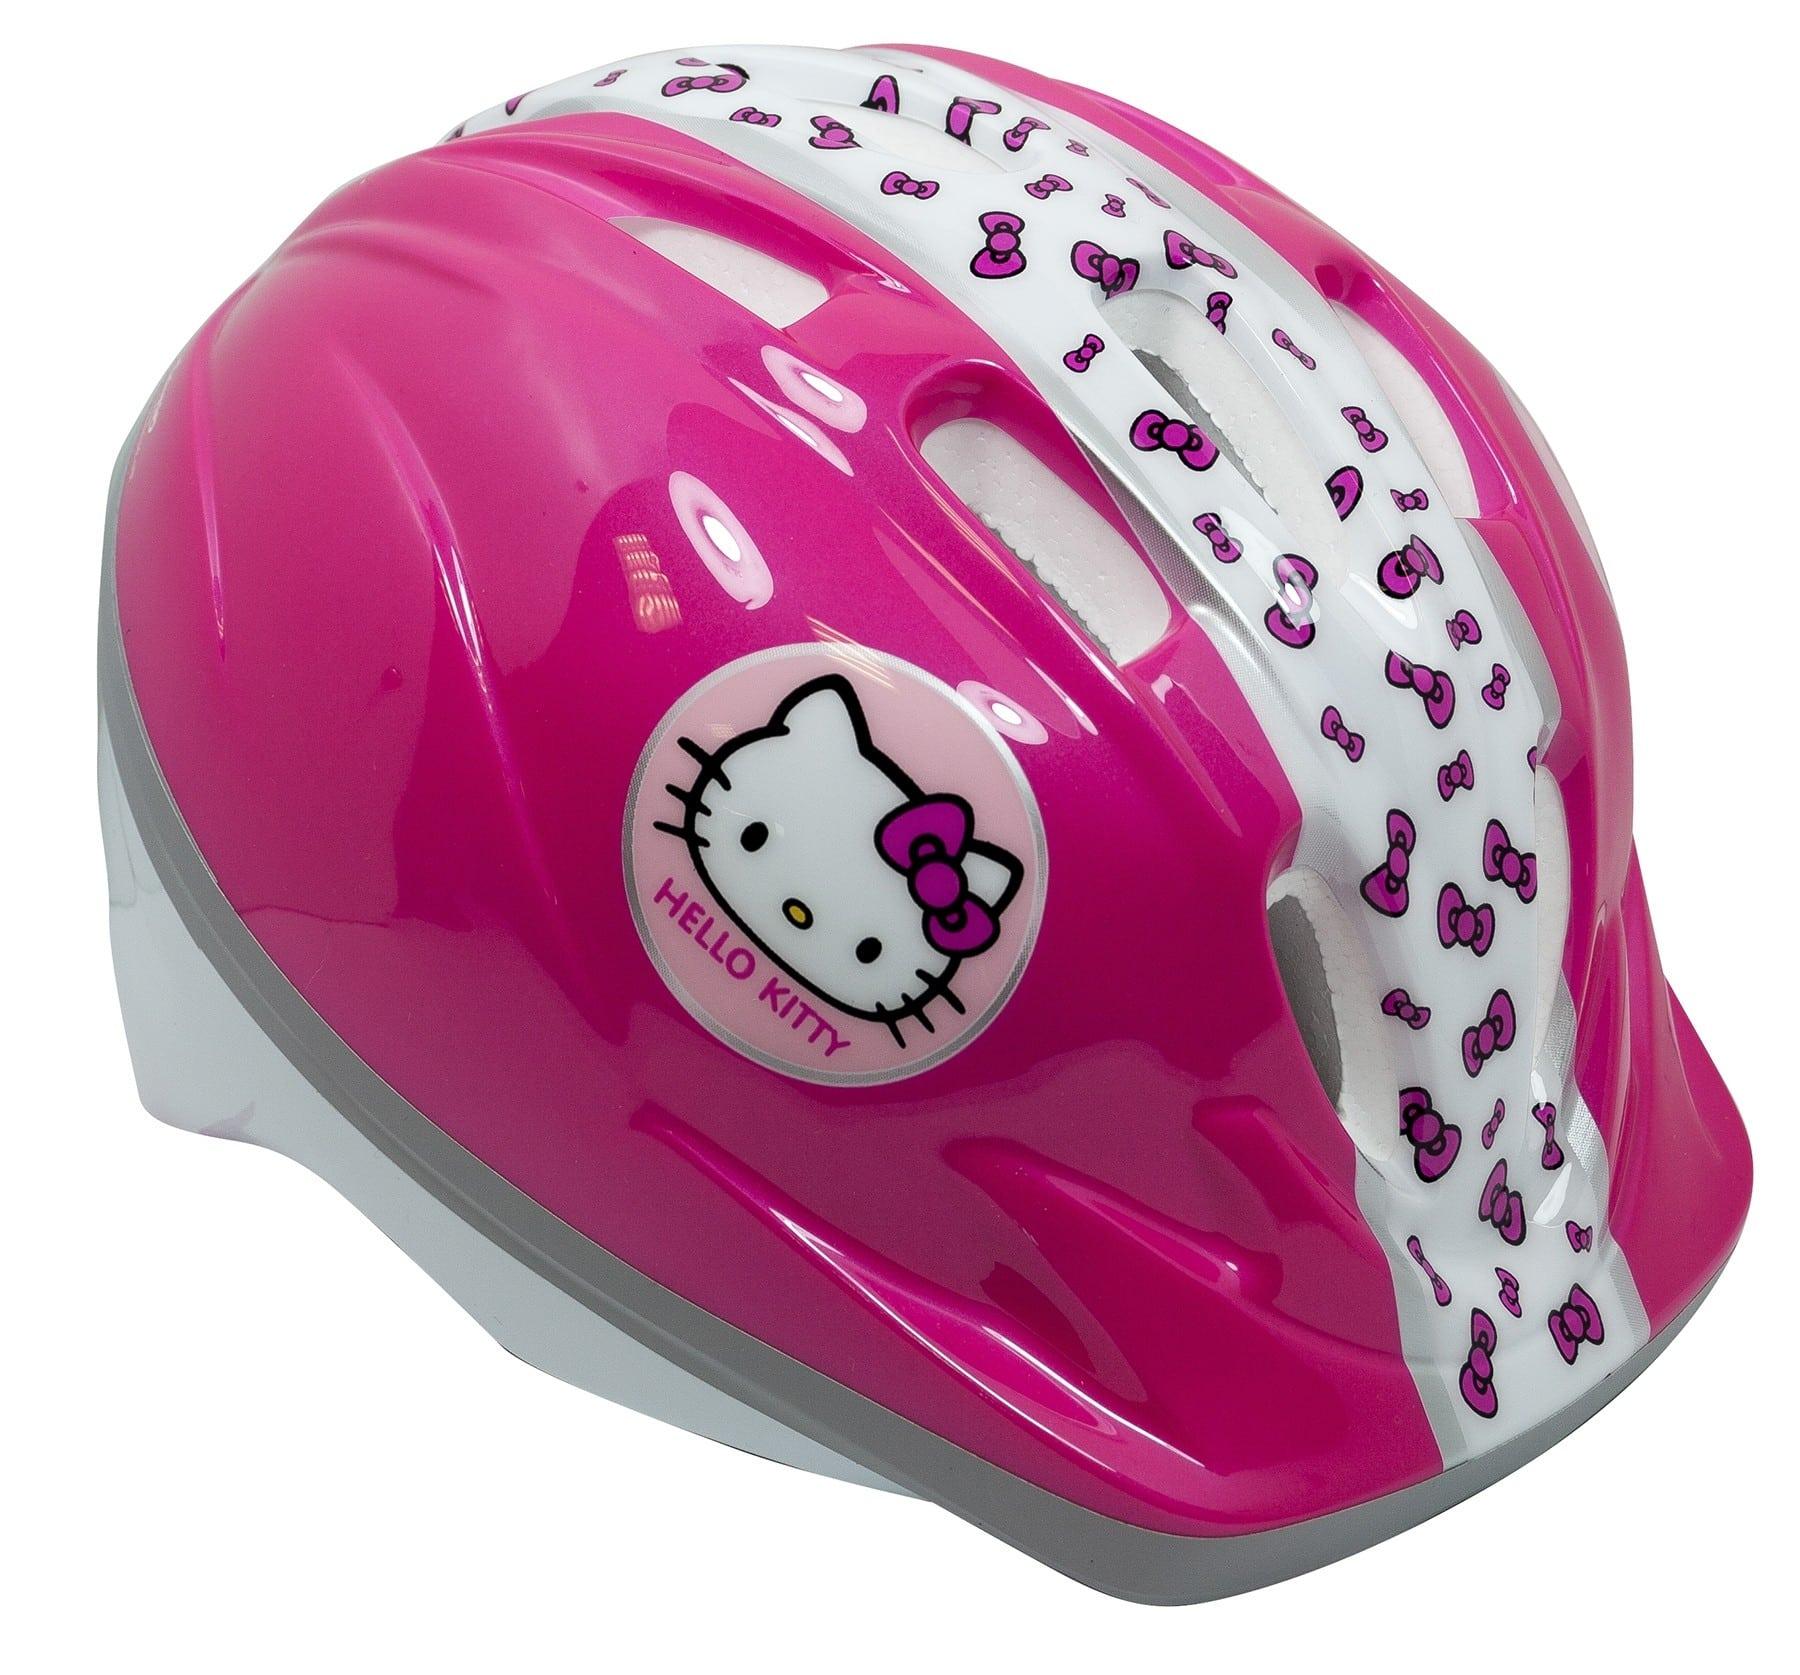 Ποδηλατικό Κράνος Hello Kitty-Ρουχισμός Ποδηλάτου